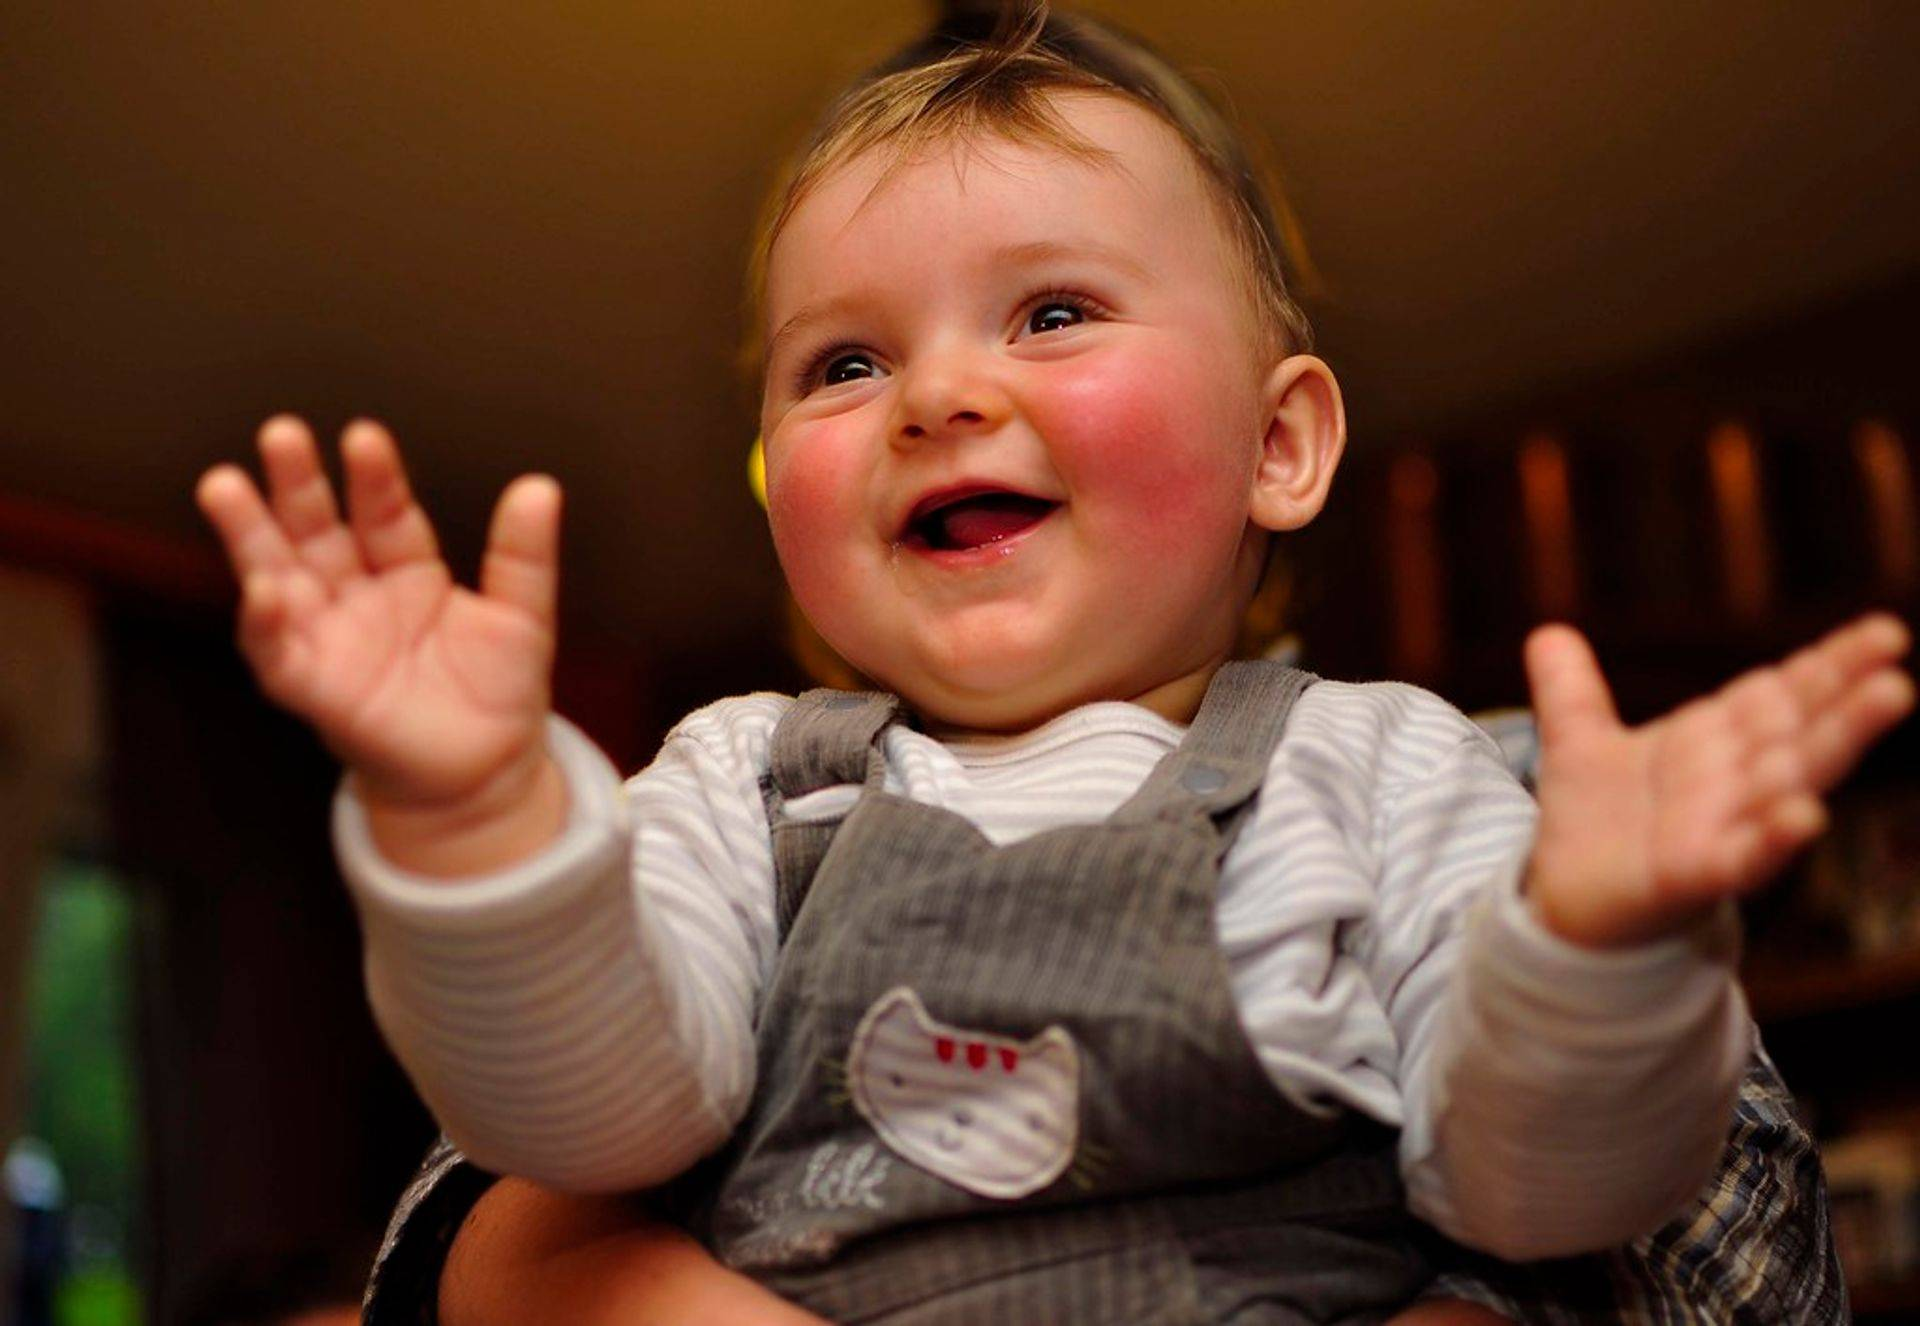 signes et bébés - Formation pros petite enfance référencée DATADOCK